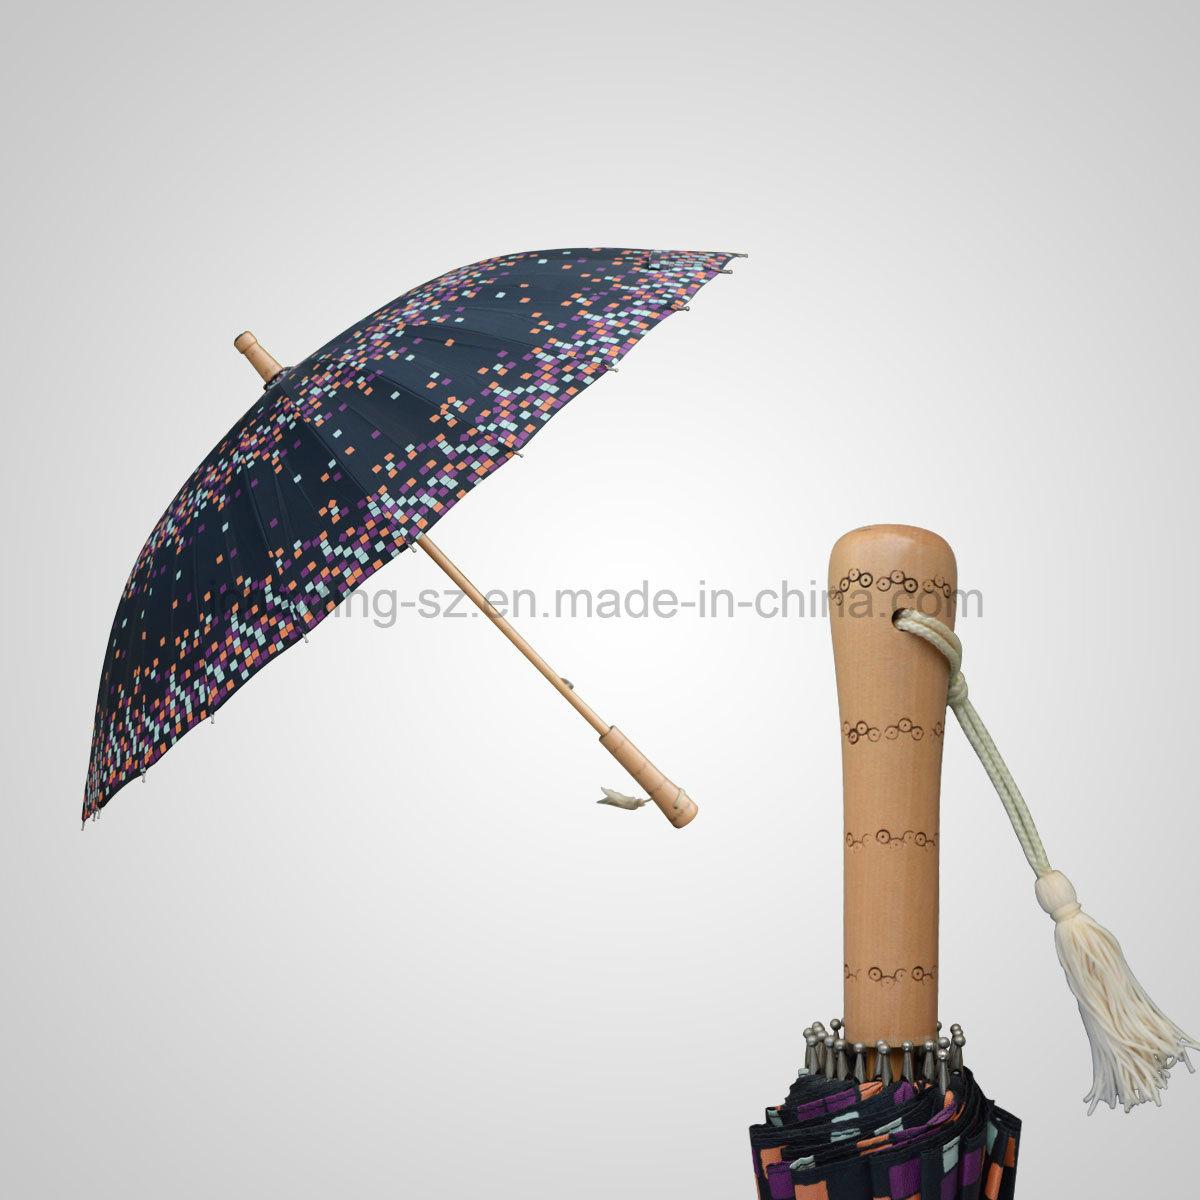 Fashion 24k Ribs Manual Straight Wooden Umbrella Rain/Sun Umbrella (JL-MQT135)